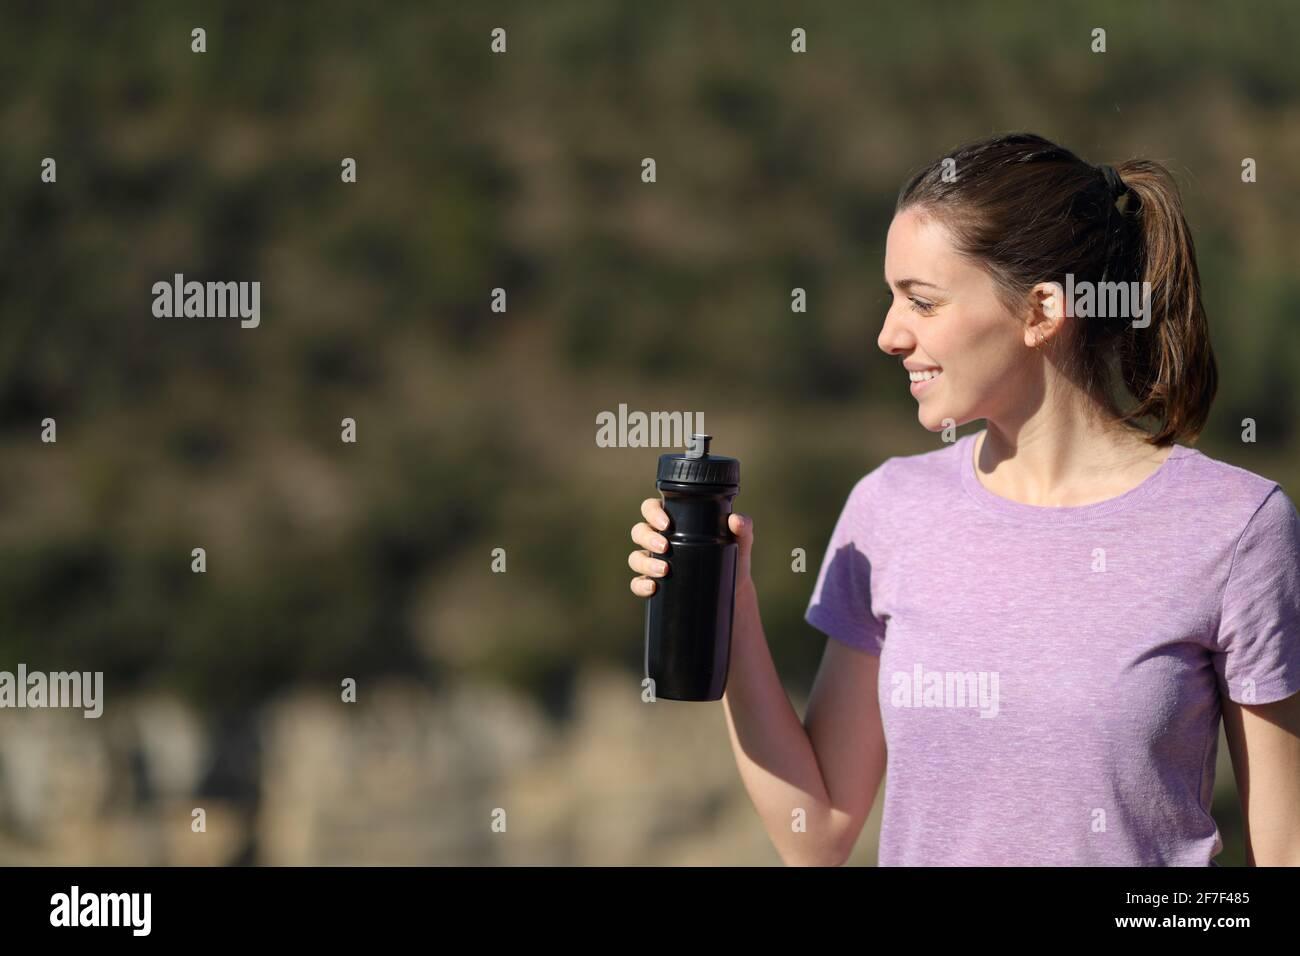 Joli jogger tenant une bouteille d'eau pour contempler la vue dans le montagne Banque D'Images